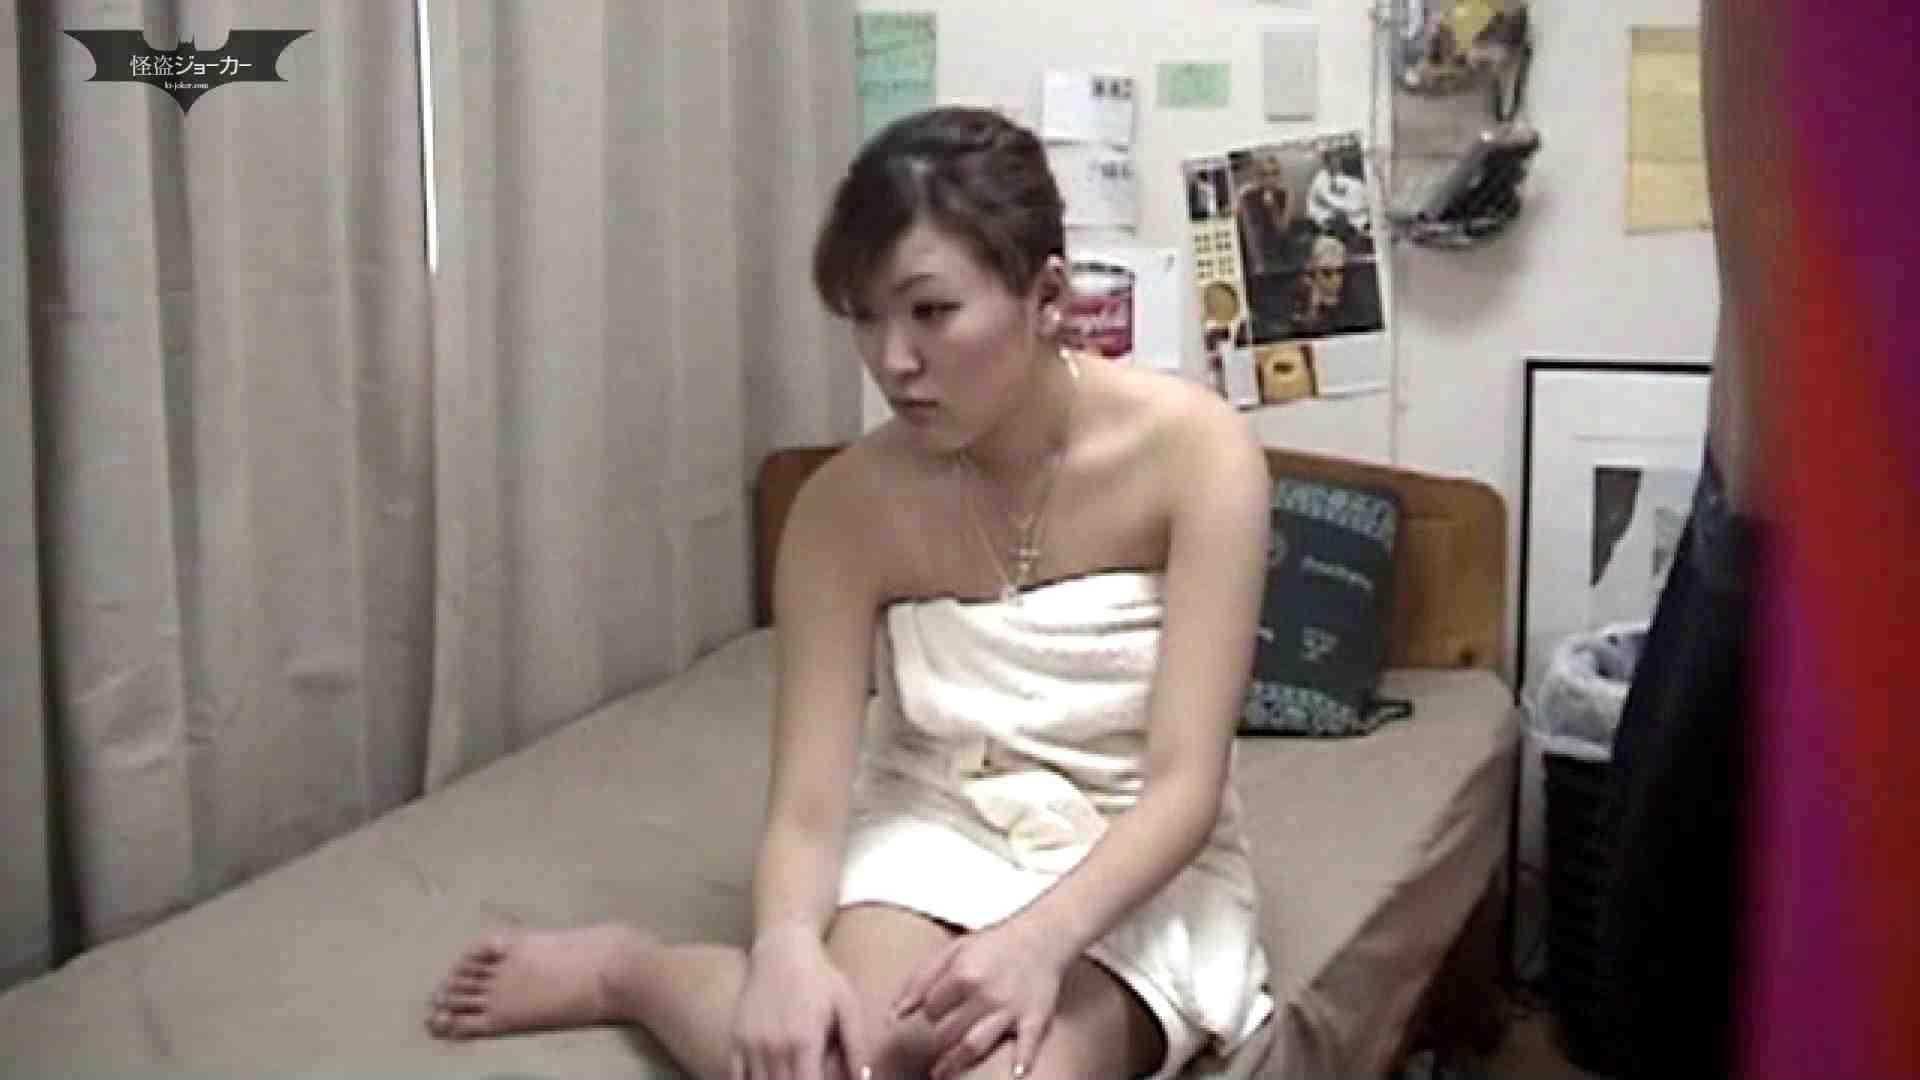 素人女良を部屋に連れ込み隠し撮りSEX!! その⑪ 潮吹き娘 りん エッチな素人   潮吹き  85枚 28